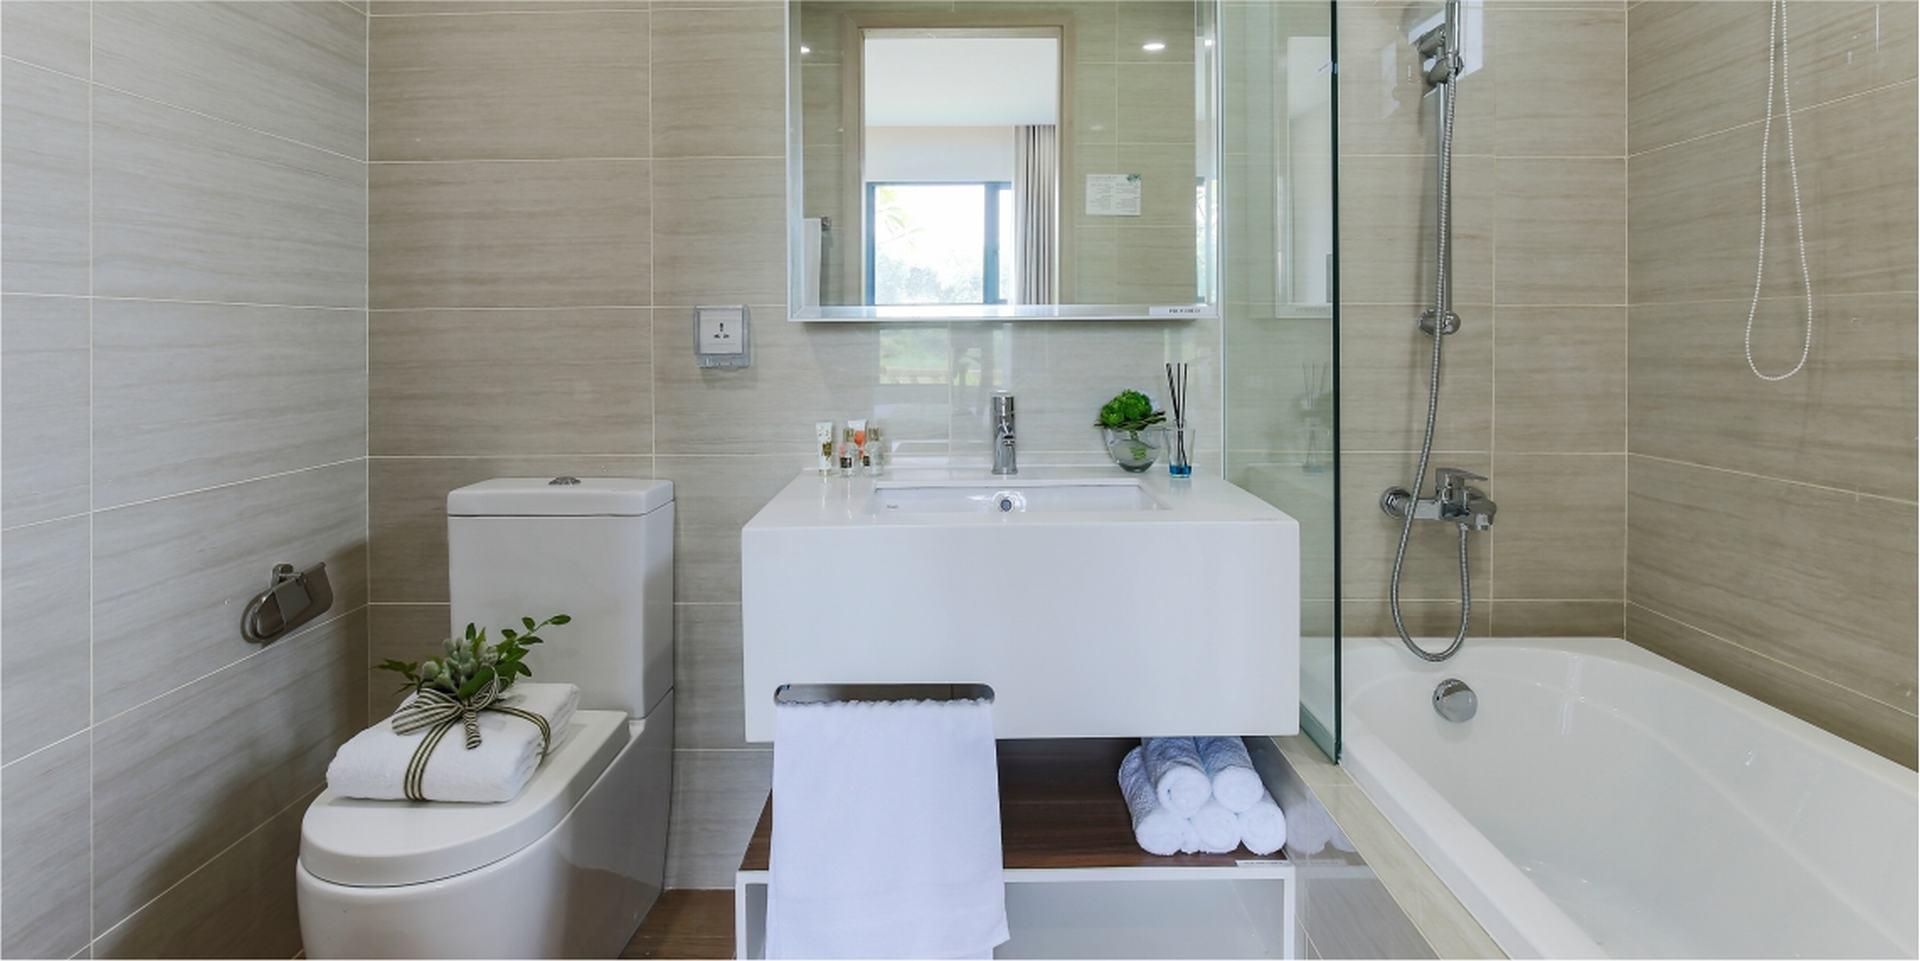 Nhà mẫu căn hộ chung cư Palm Garden Quận 2 Đường Song Hành chủ đầu tư Keppel Land